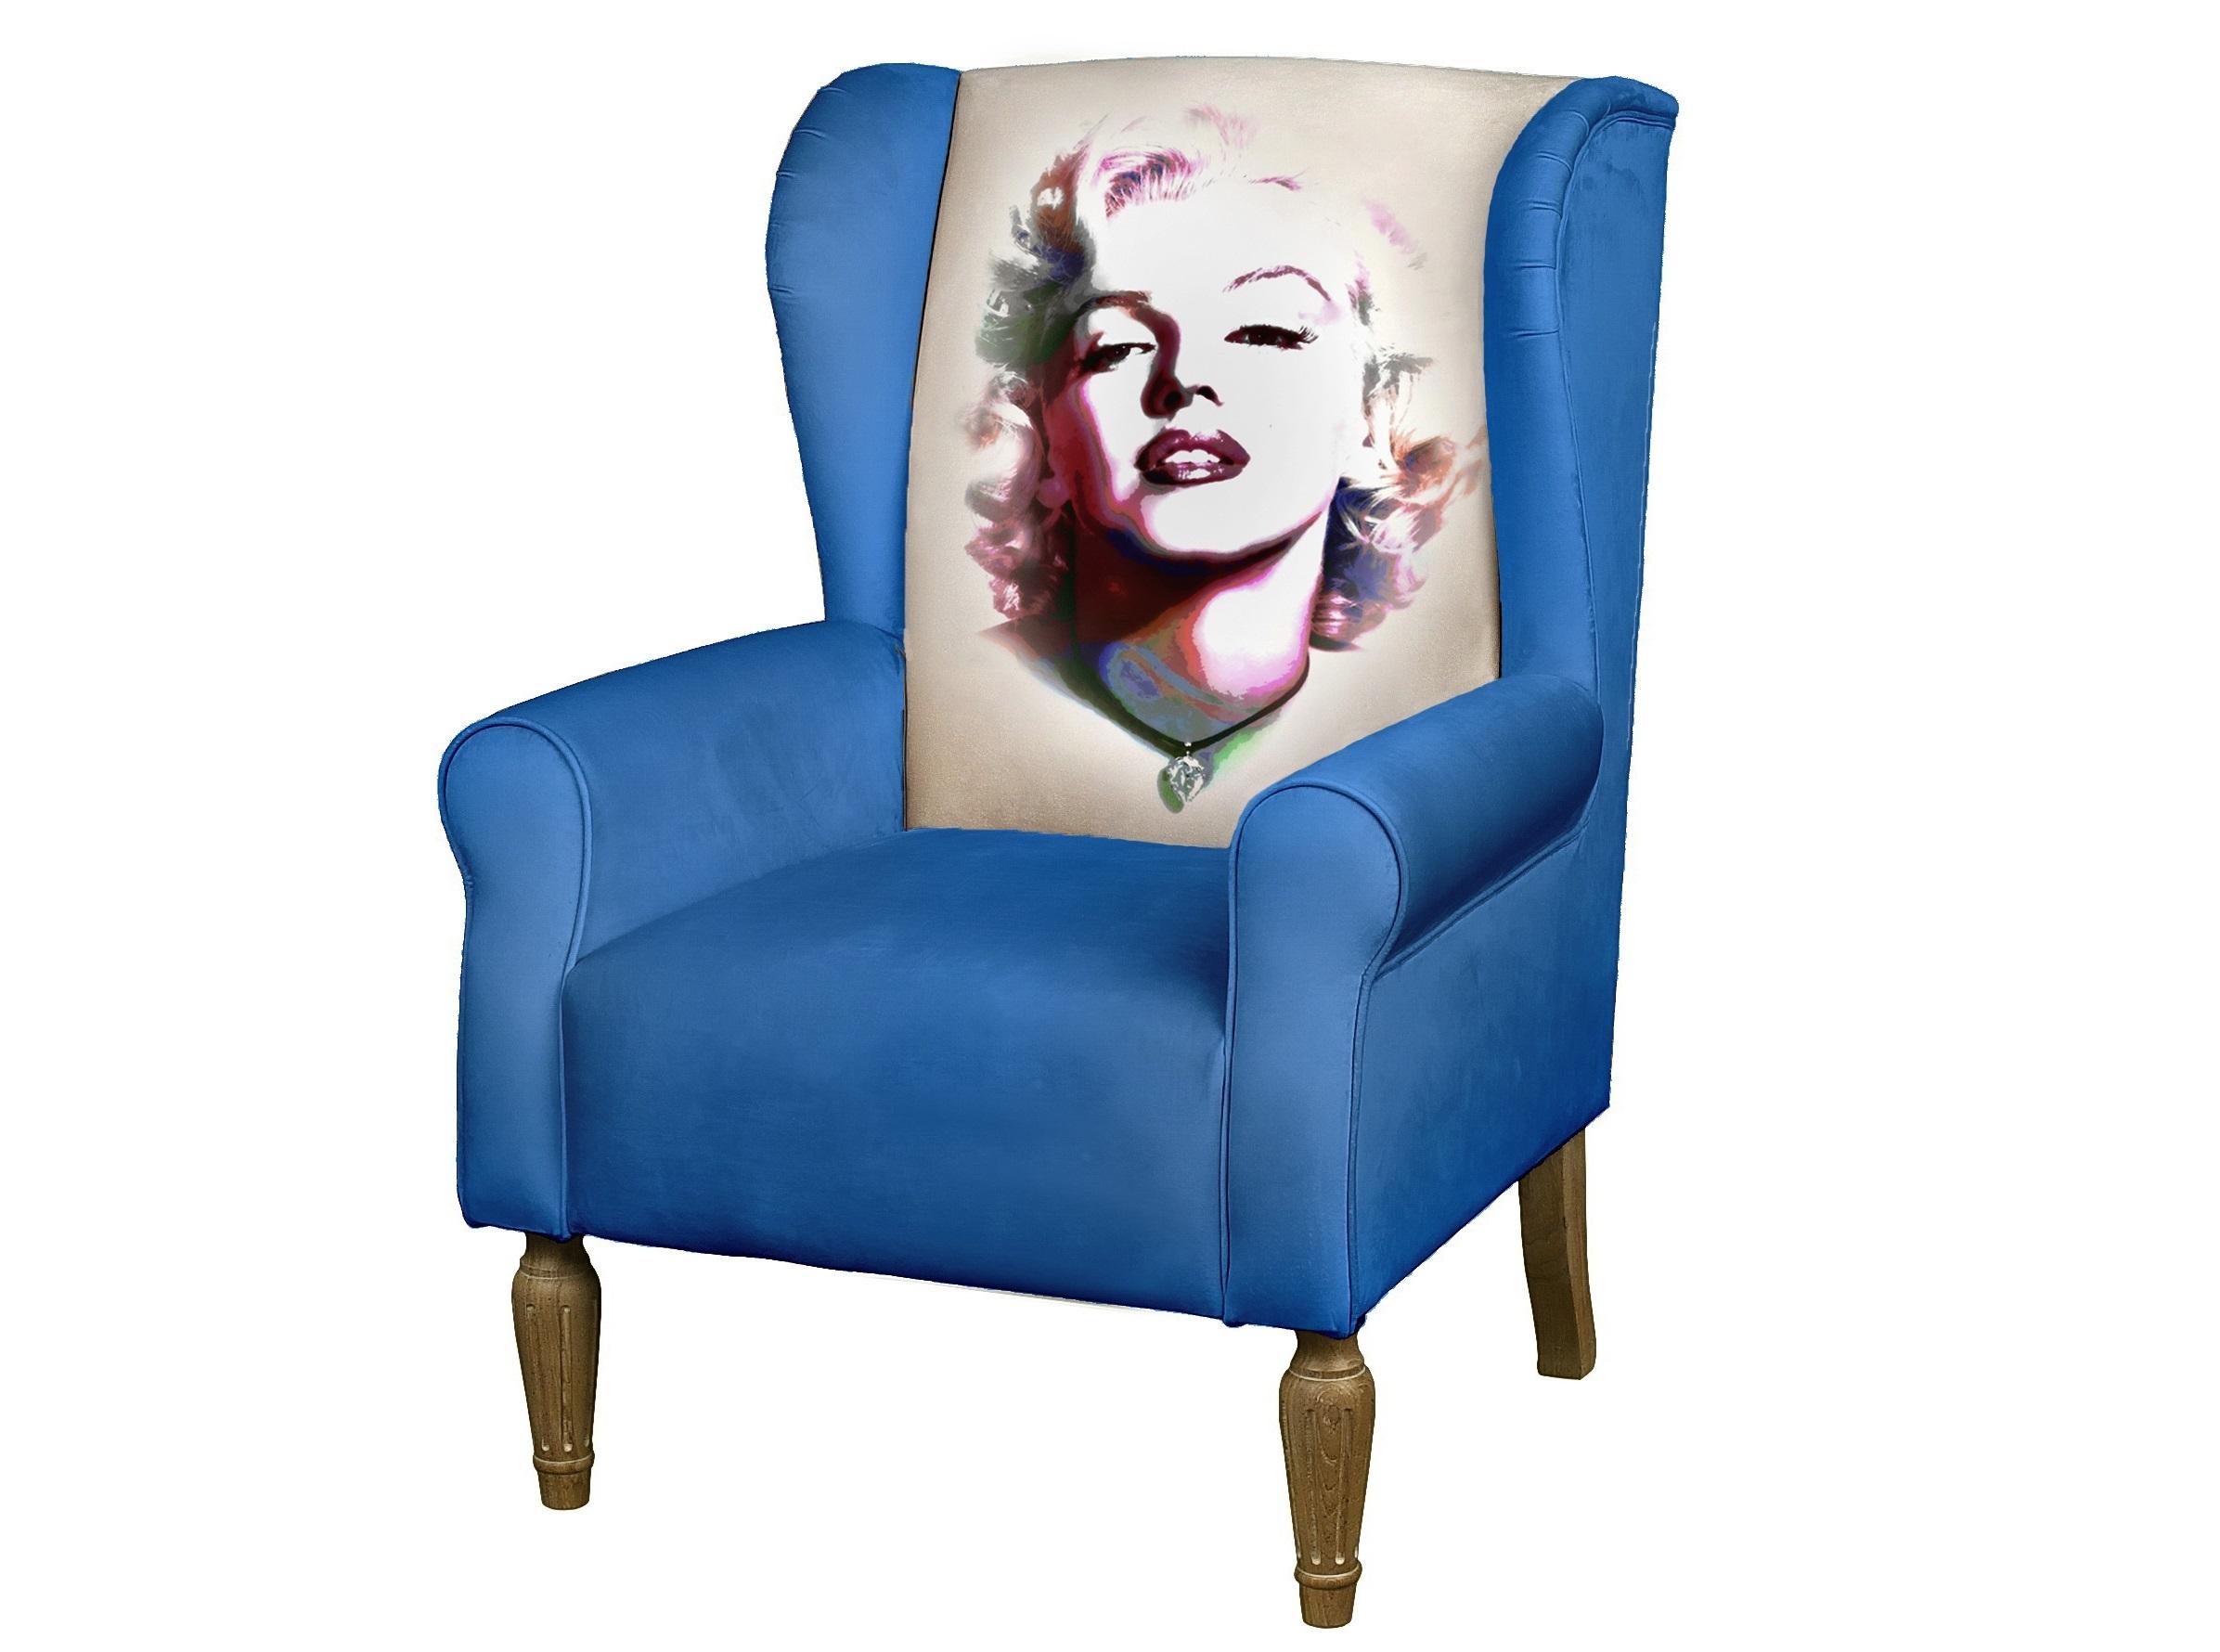 Кресло AttractionКресла с высокой спинкой<br>&amp;lt;div&amp;gt;Кресло с притом Мерилин Монро от ICON DESIGNE произведено из экологически чистых материалов. Модель представлена в ткани микровелюр – мягкий, бархатистый материал, широко используемый в качестве обивки для мебели. Обладает целым рядом замечательных свойств: отлично пропускает воздух, отталкивает пыль и долго сохраняет изначальный цвет, не протираясь и не выцветая. Высокие эксплуатационные свойства в сочетании с превосходным дизайном обеспечили микровелюру большую популярность.&amp;lt;/div&amp;gt;&amp;lt;div&amp;gt;Варианты исполнения: возможность выбрать ткань из других коллекций.&amp;amp;nbsp;&amp;lt;/div&amp;gt;&amp;lt;div&amp;gt;&amp;lt;br&amp;gt;&amp;lt;/div&amp;gt;&amp;lt;div&amp;gt;Каркас и ножки - бук,береза.&amp;amp;nbsp;&amp;lt;/div&amp;gt;&amp;lt;div&amp;gt;Материалы обивки: береза, текстиль.&amp;lt;/div&amp;gt;&amp;lt;div&amp;gt;&amp;lt;br&amp;gt;&amp;lt;/div&amp;gt;<br><br>Material: Текстиль<br>Length см: None<br>Width см: 80<br>Depth см: 77<br>Height см: 107